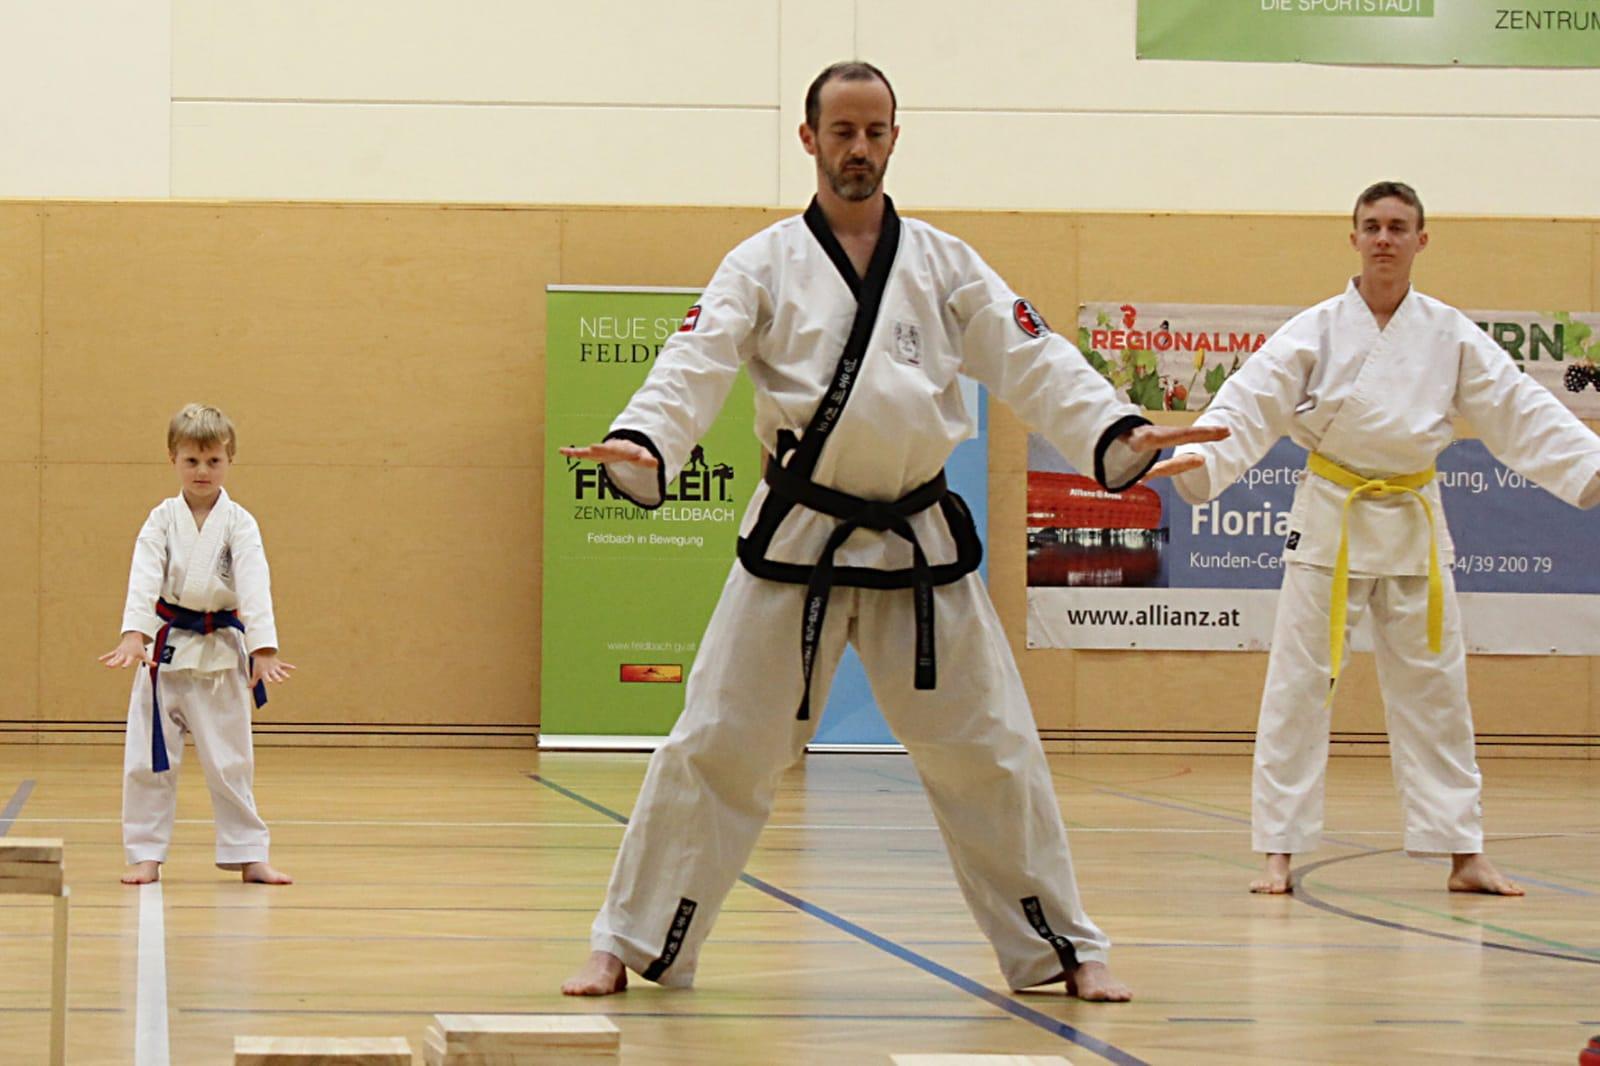 Meister Sandro mit 2 Schülern im Kampfanzug